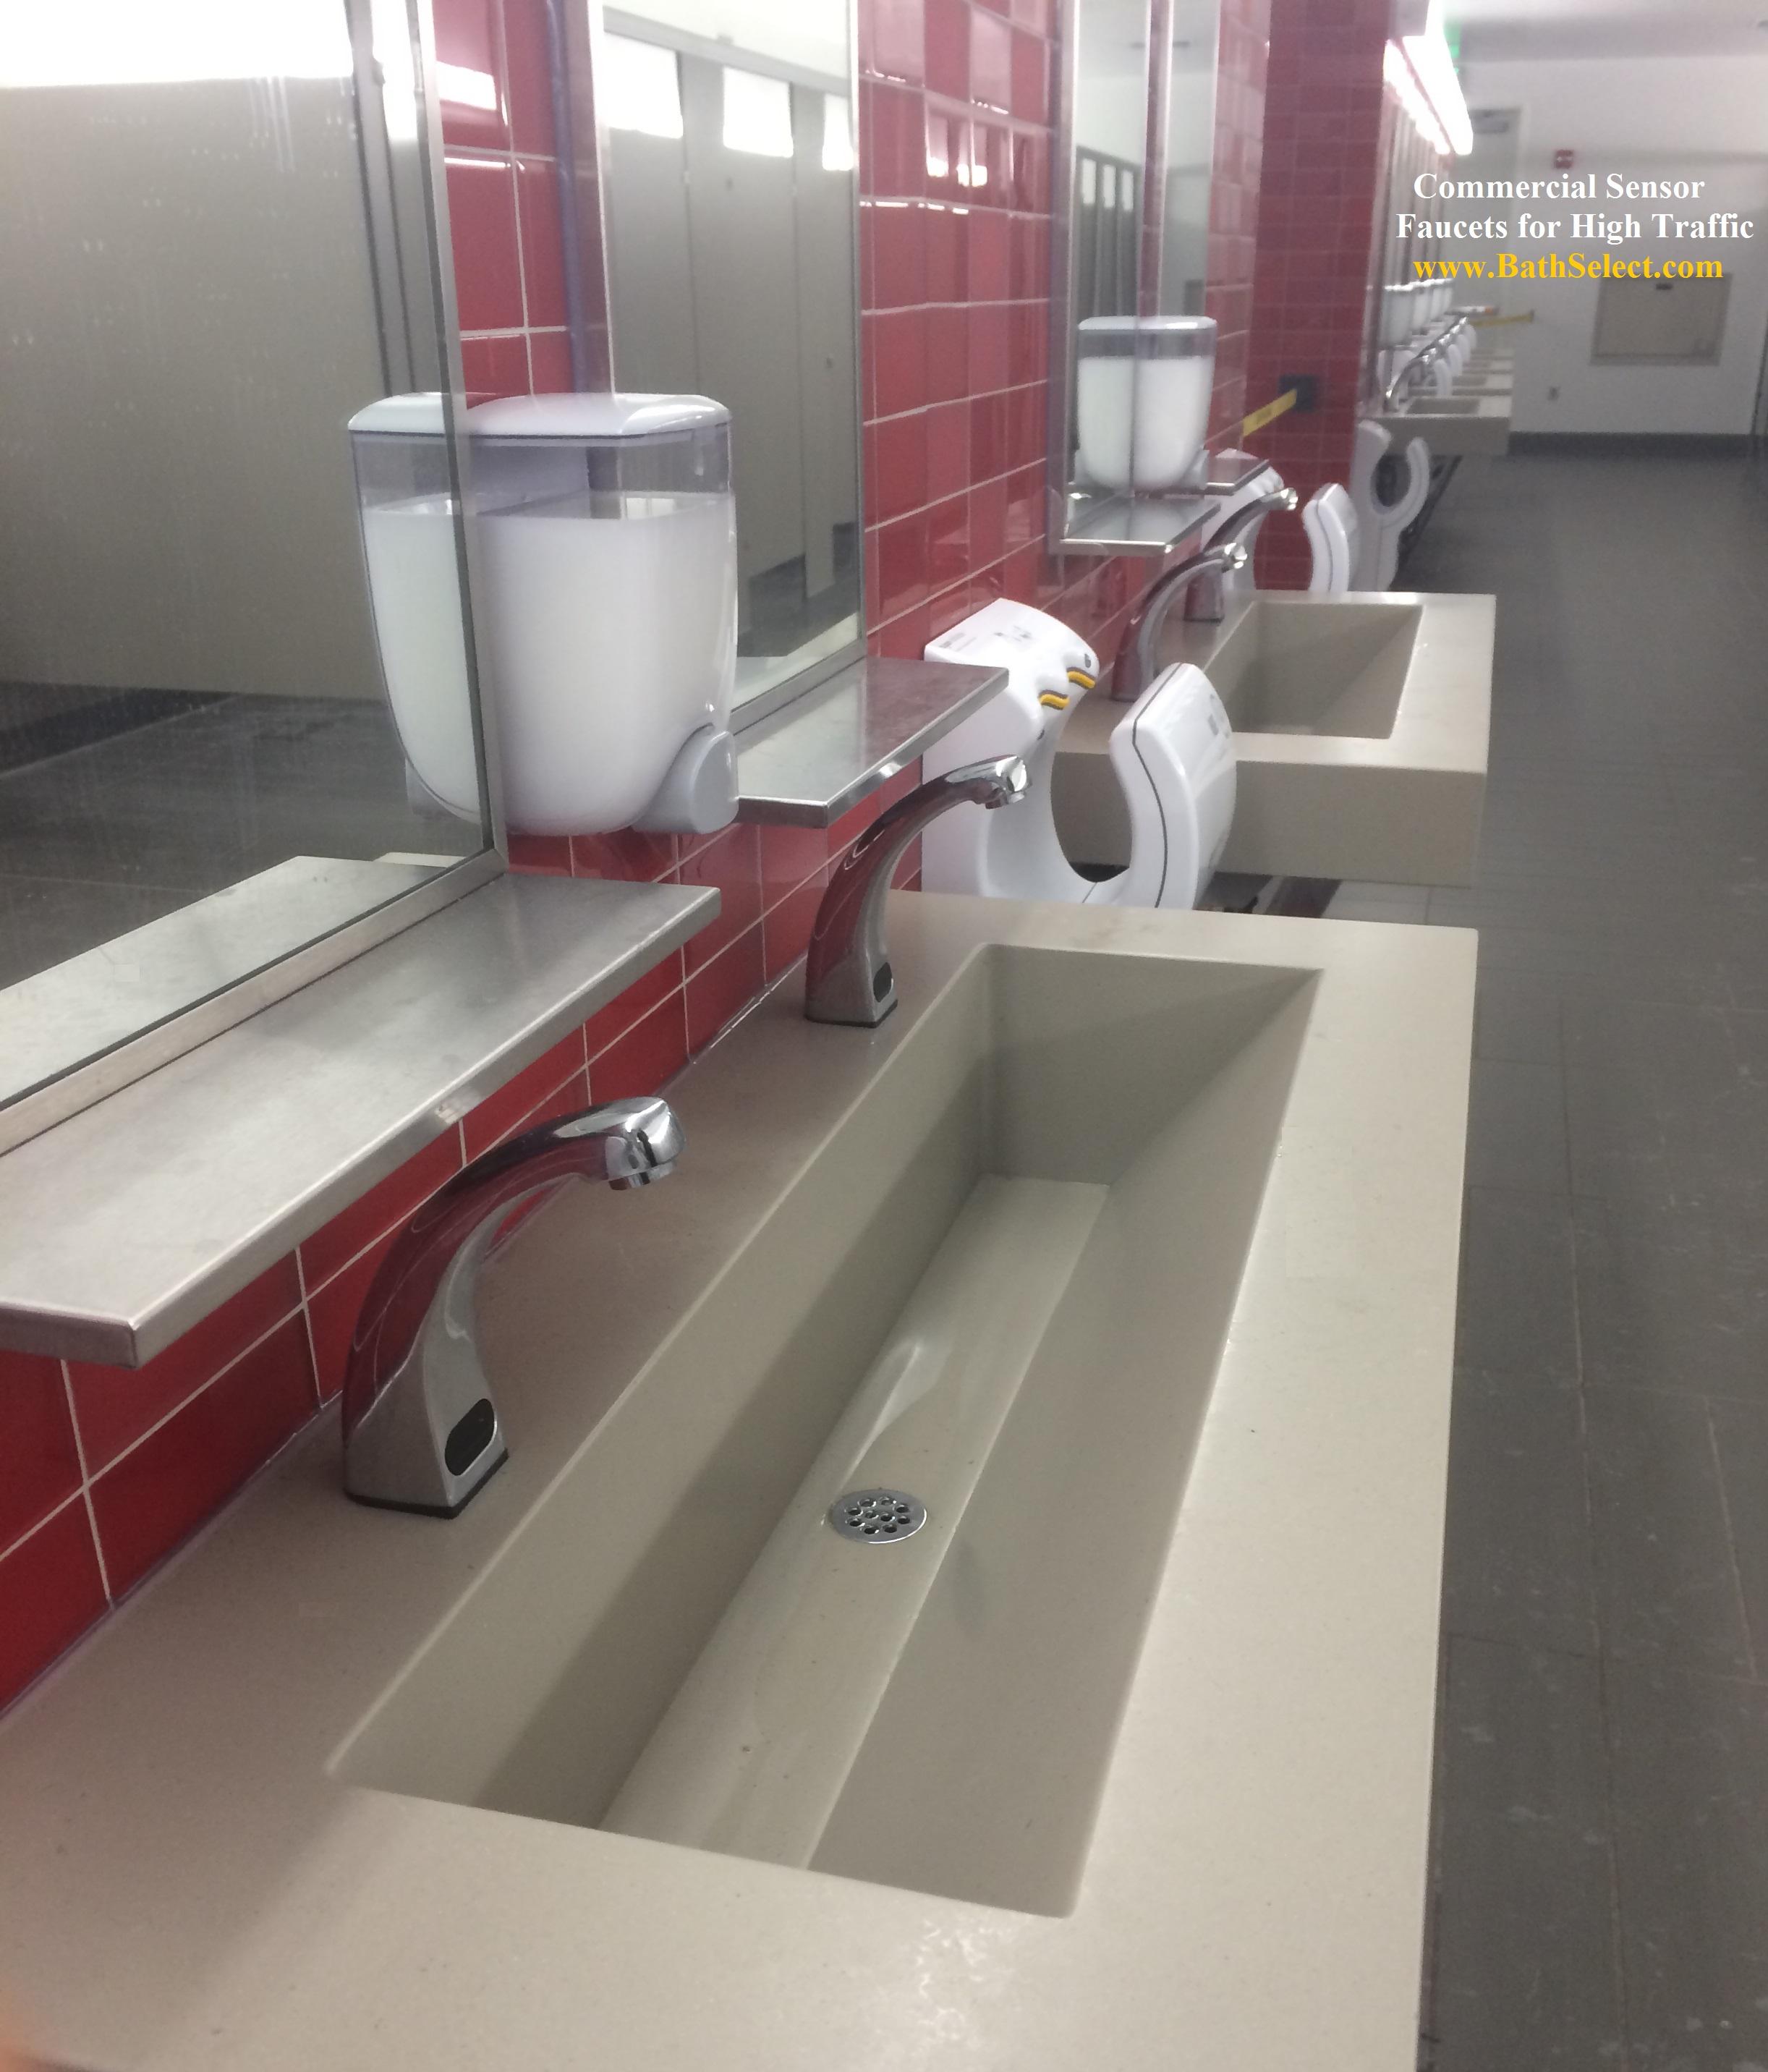 commercial automatic motion sensor faucets